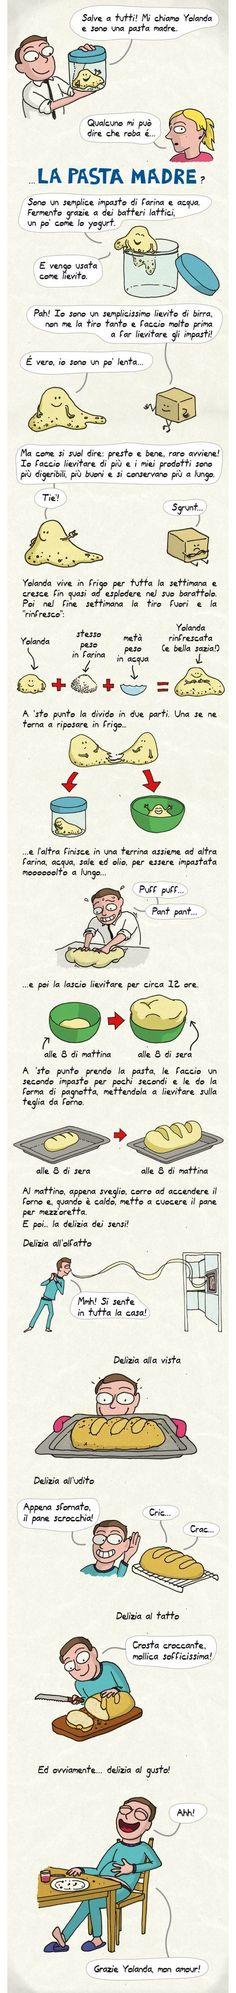 Prepara la pasta madre in maniera simpatica